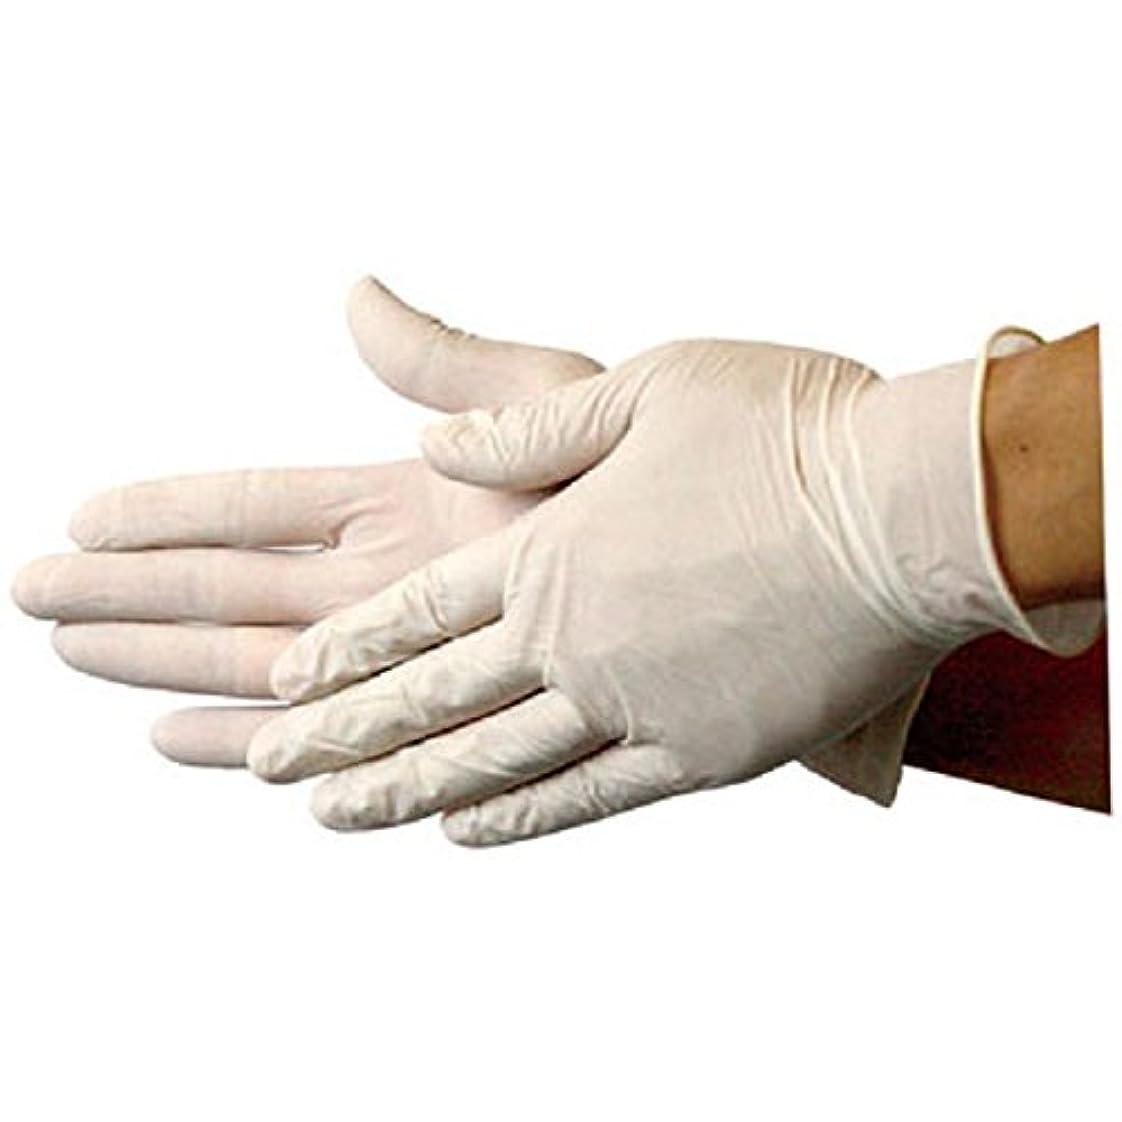 強打買い物に行く衛星ラテックス手袋(L) 100枚 業務用手袋(EG?????750白)